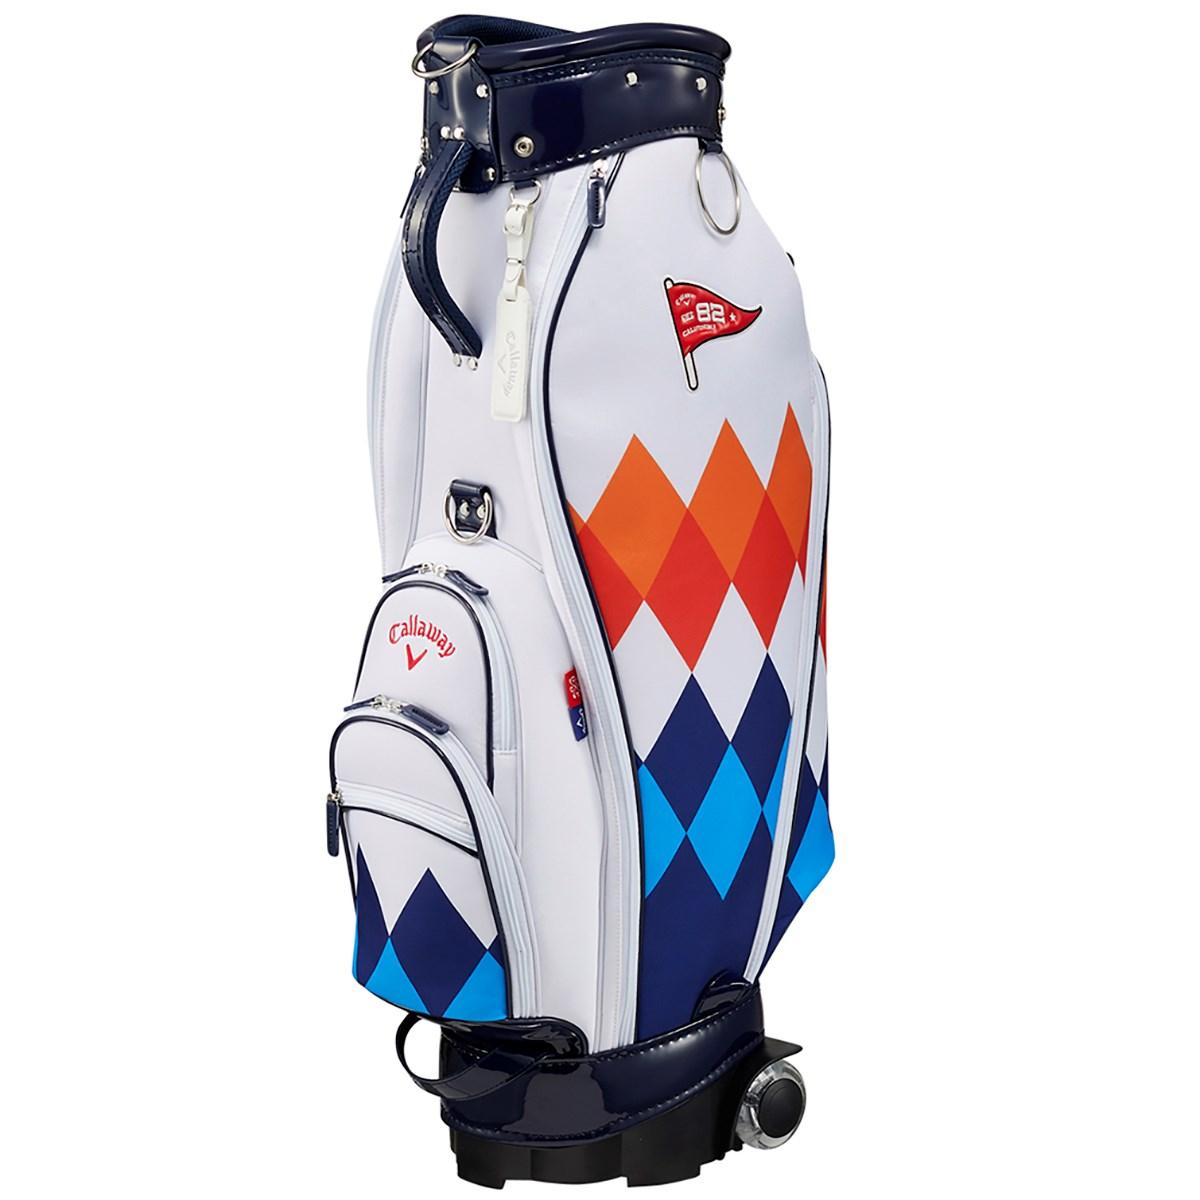 キャロウェイゴルフ(Callaway Golf) BG CRT GT-II キャスター付きキャディバッグレディス